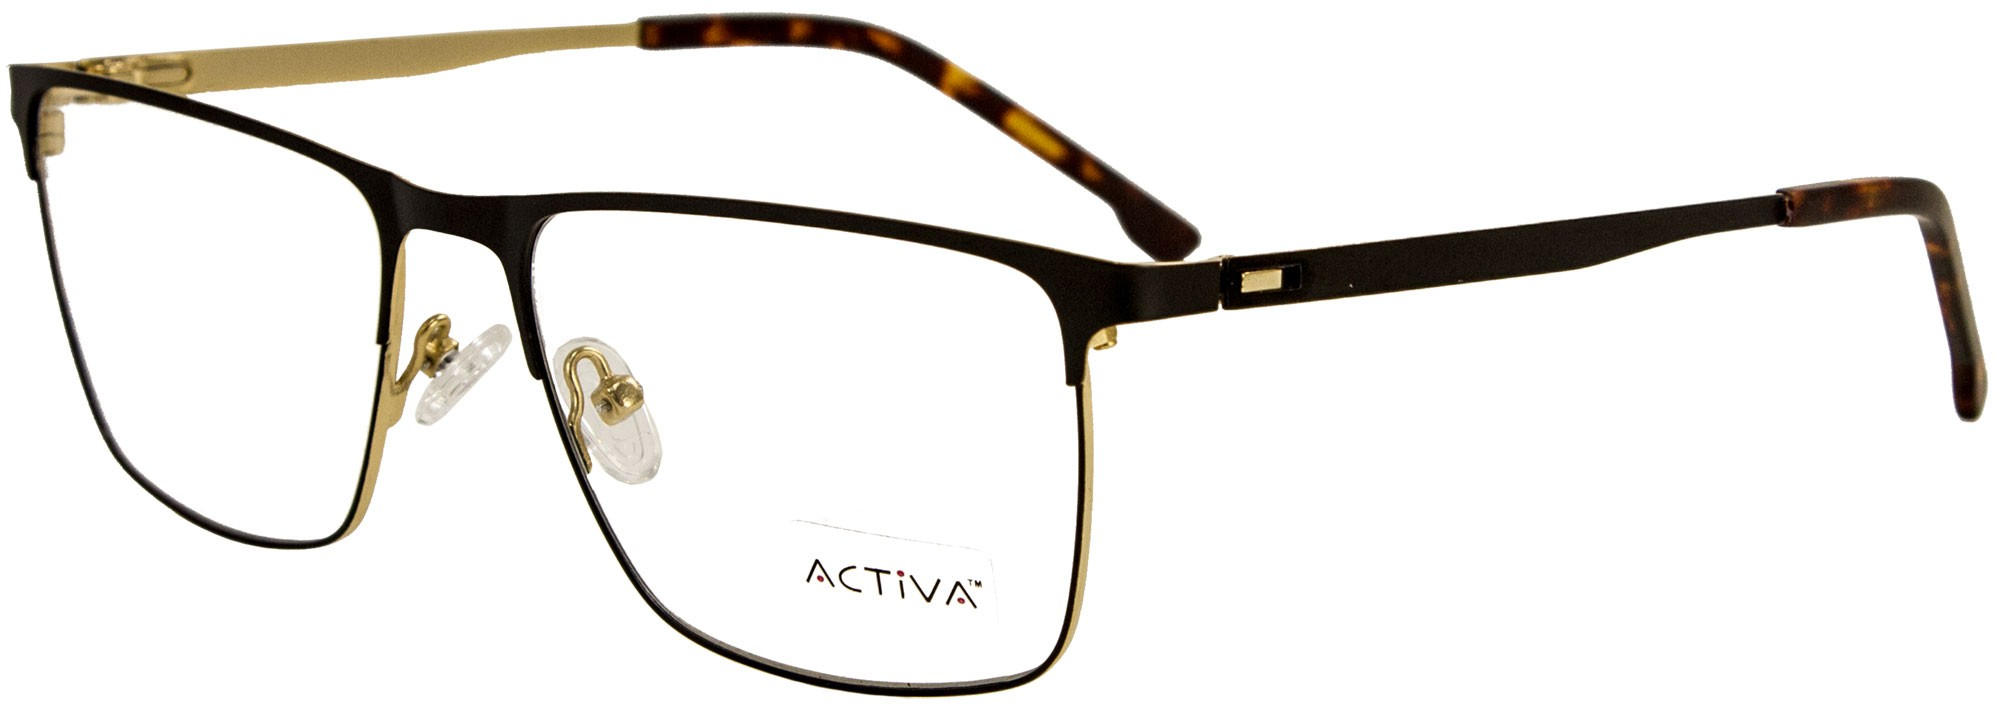 Activa 9547 C3 2